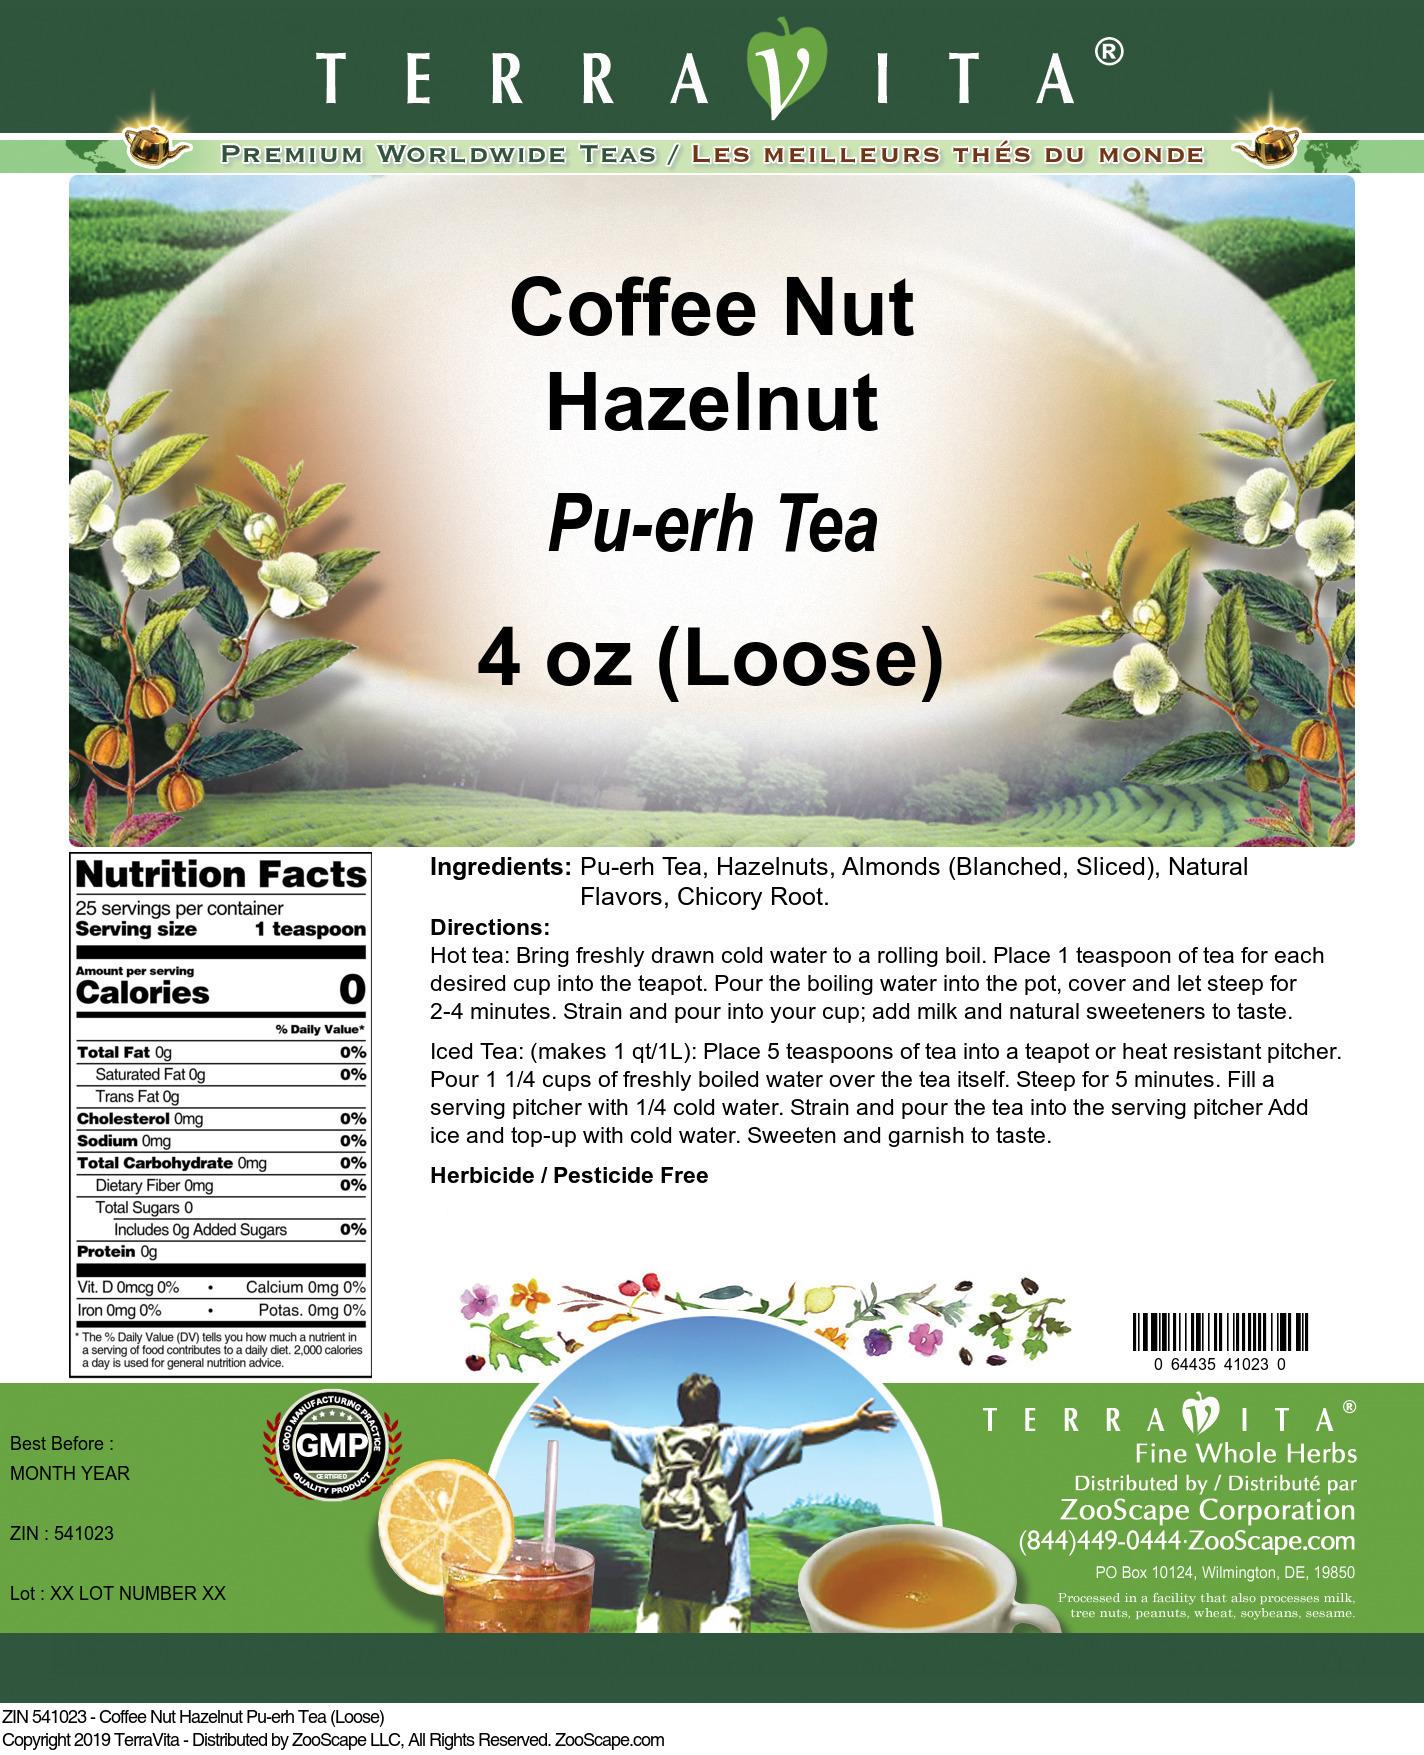 Coffee Nut Hazelnut Pu-erh Tea (Loose)